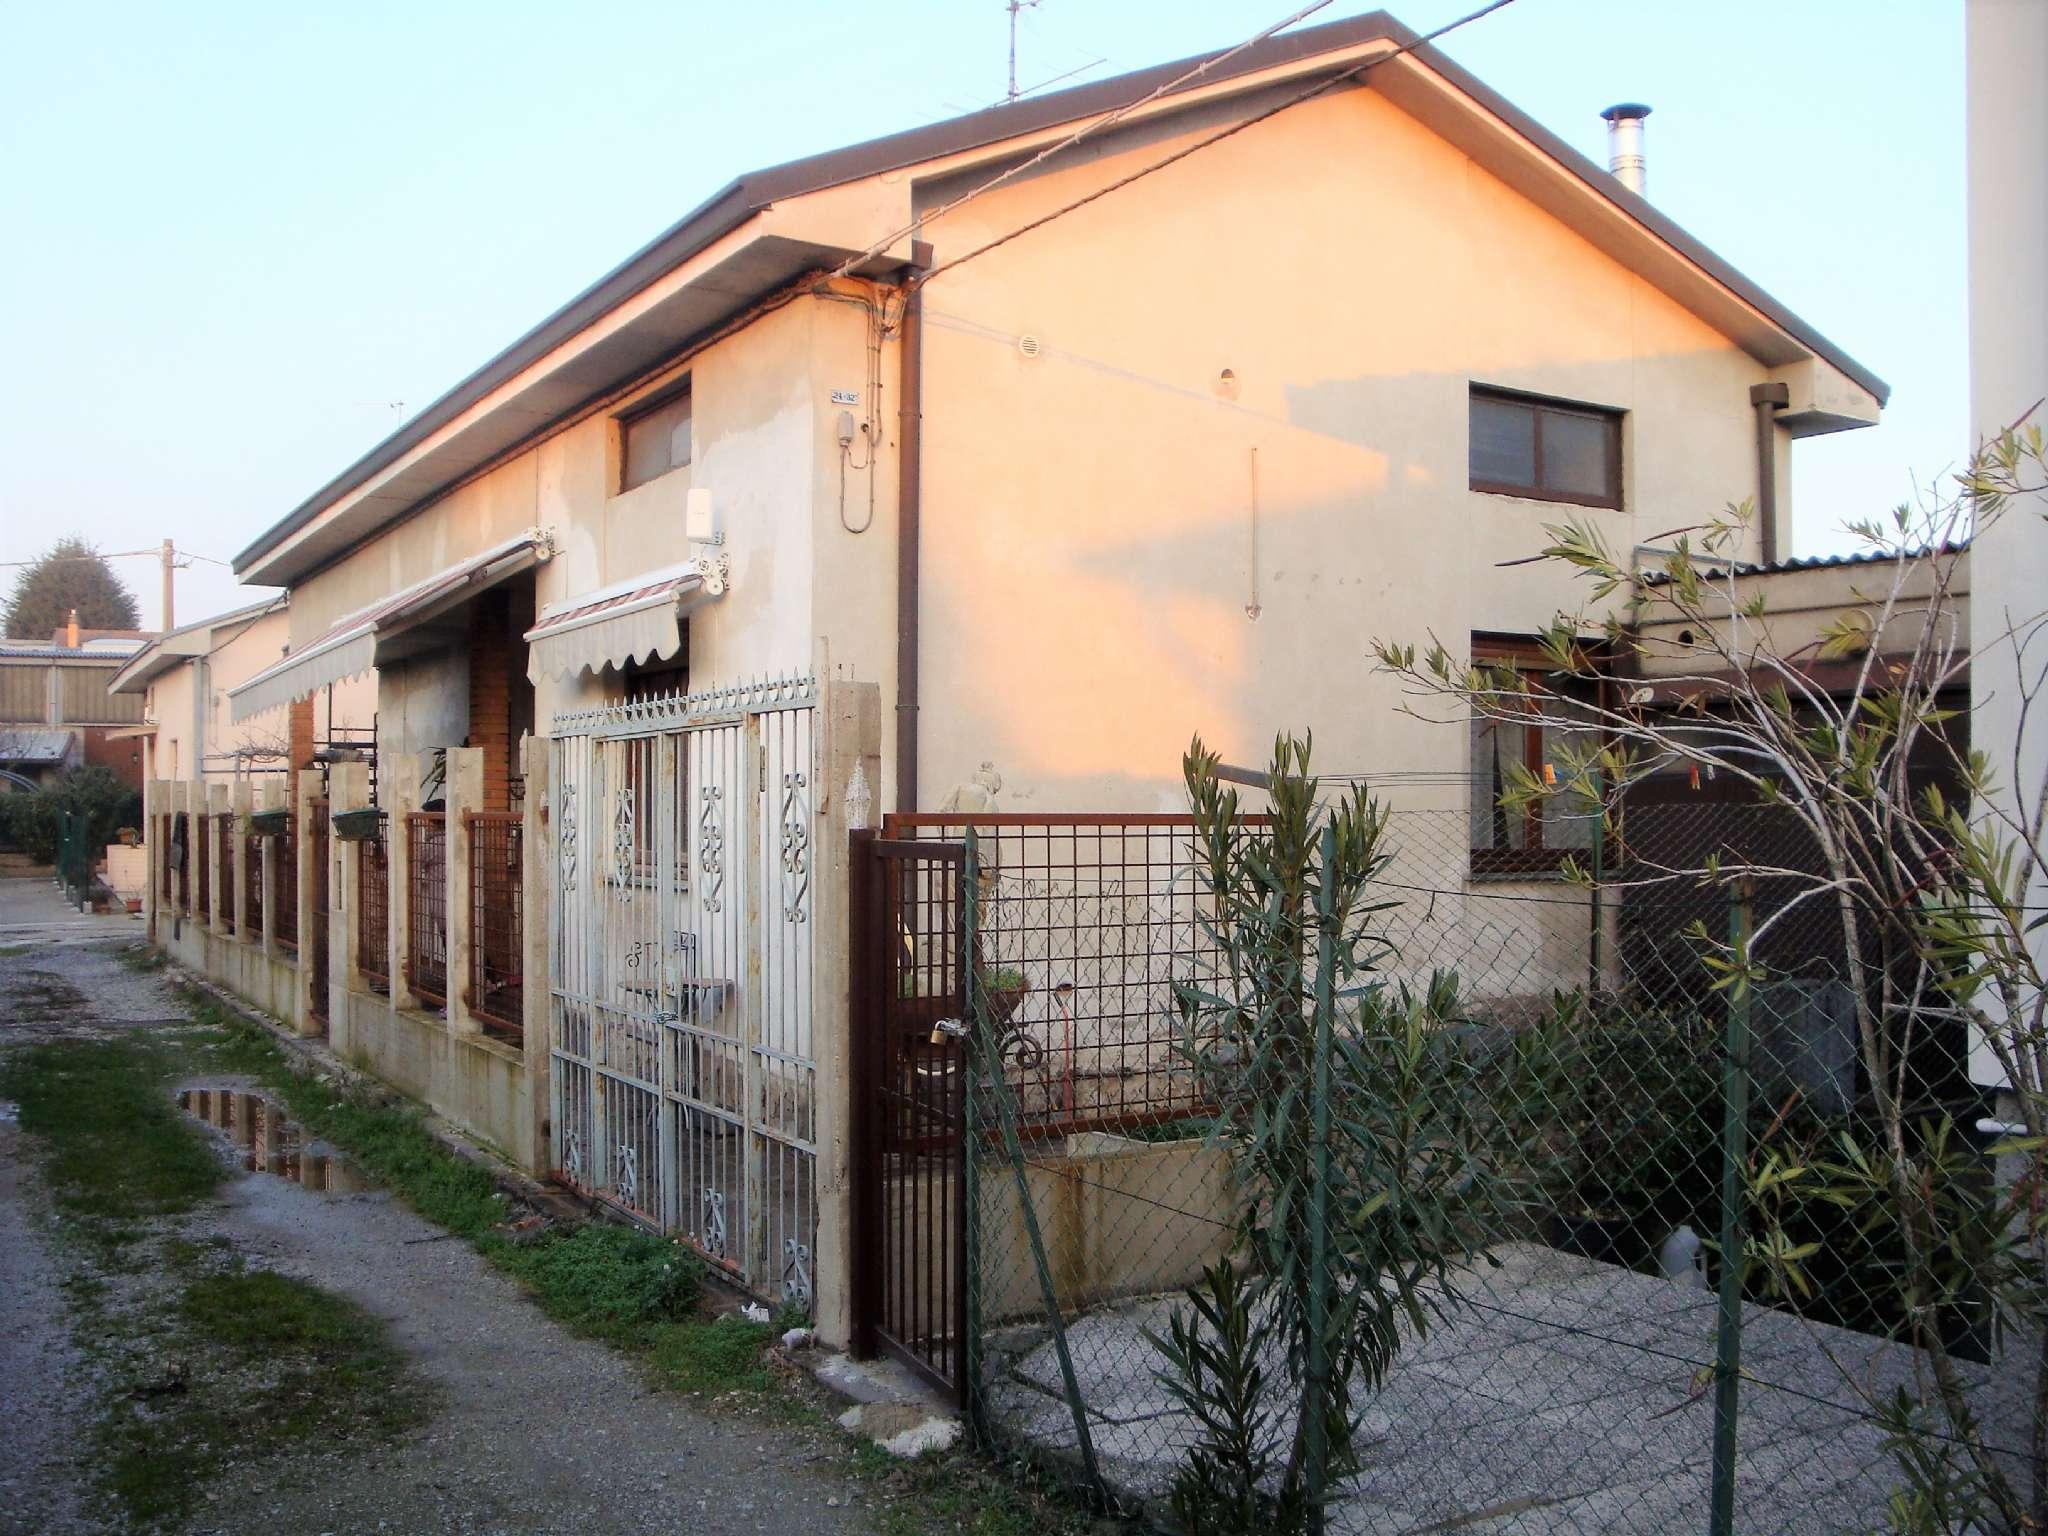 Soluzione Indipendente in vendita a Mariano Comense, 3 locali, prezzo € 229.000   CambioCasa.it